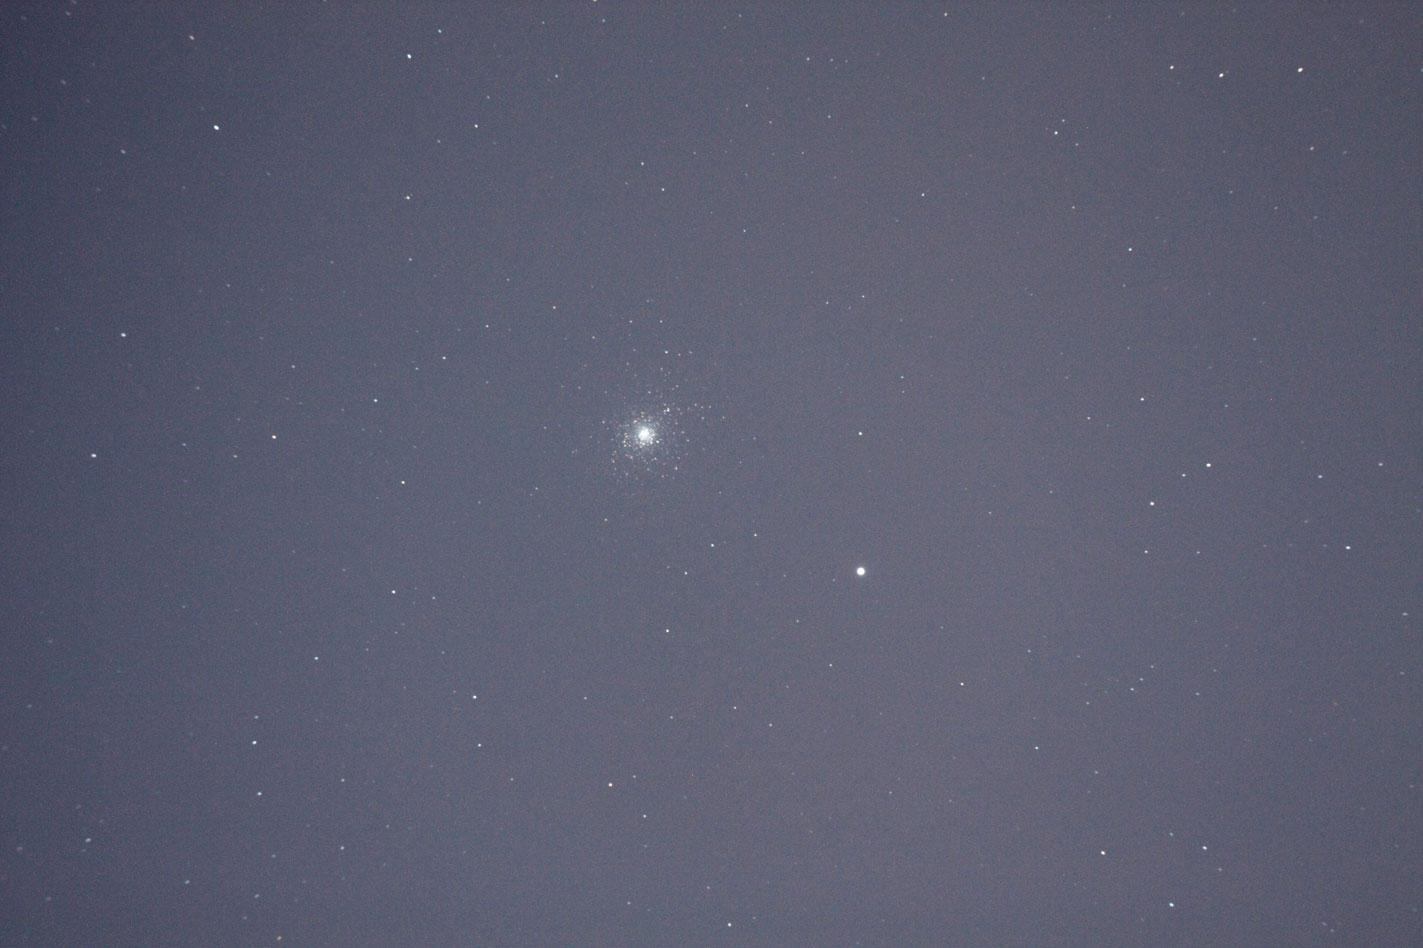 球状星団「M5(へび座)」